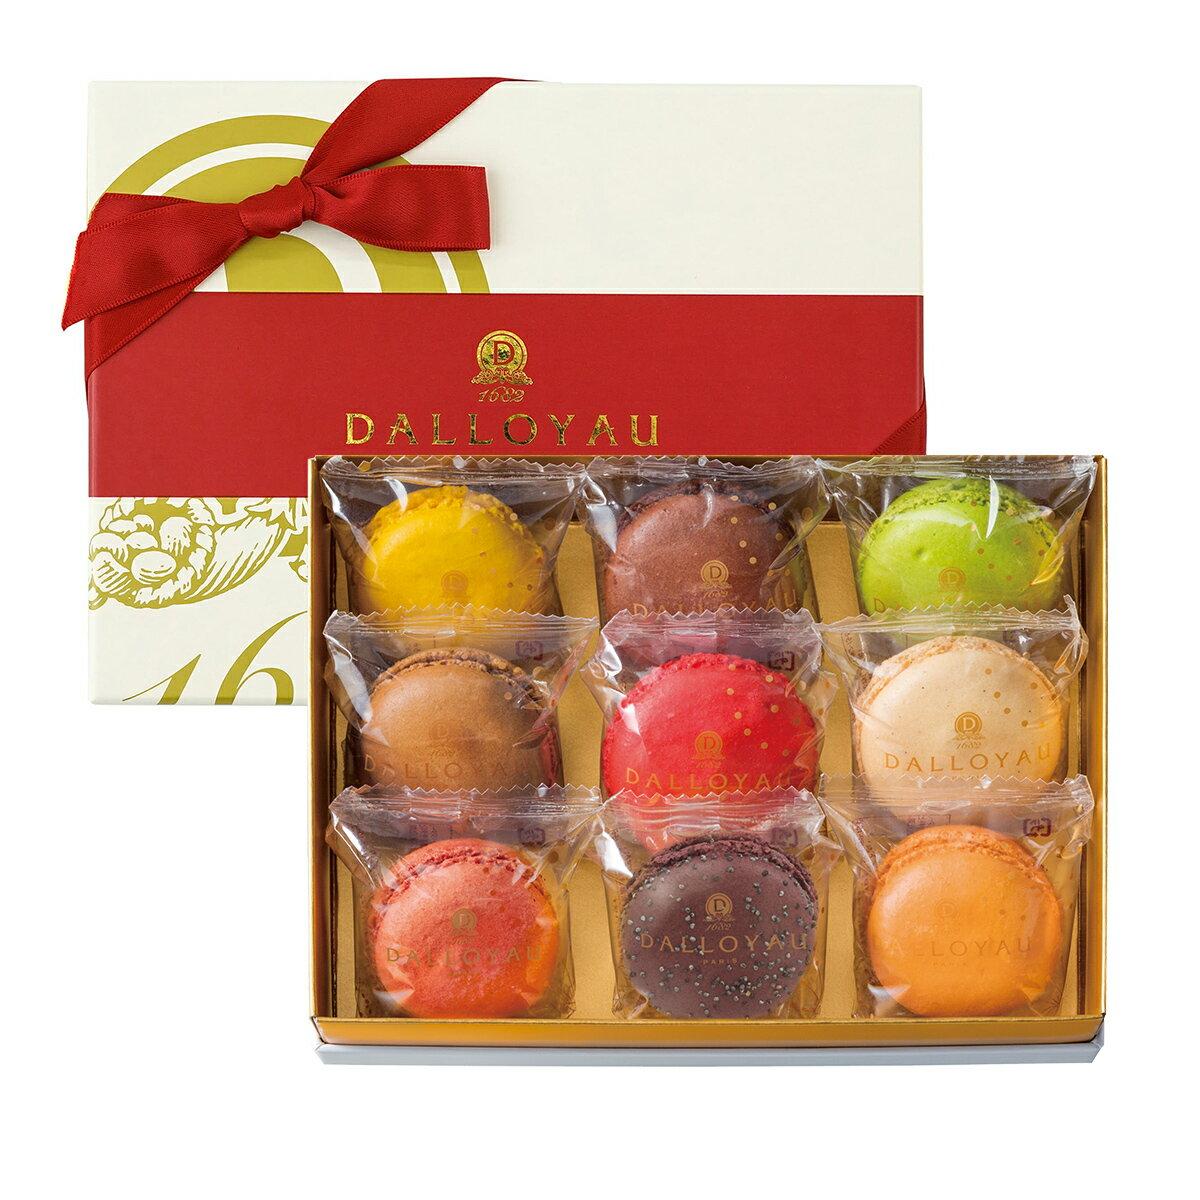 ダロワイヨギフト内祝お返し御祝御礼マカロン季節のマカロン詰合せ(9個入)スイーツ洋菓子ギフト内祝お誕